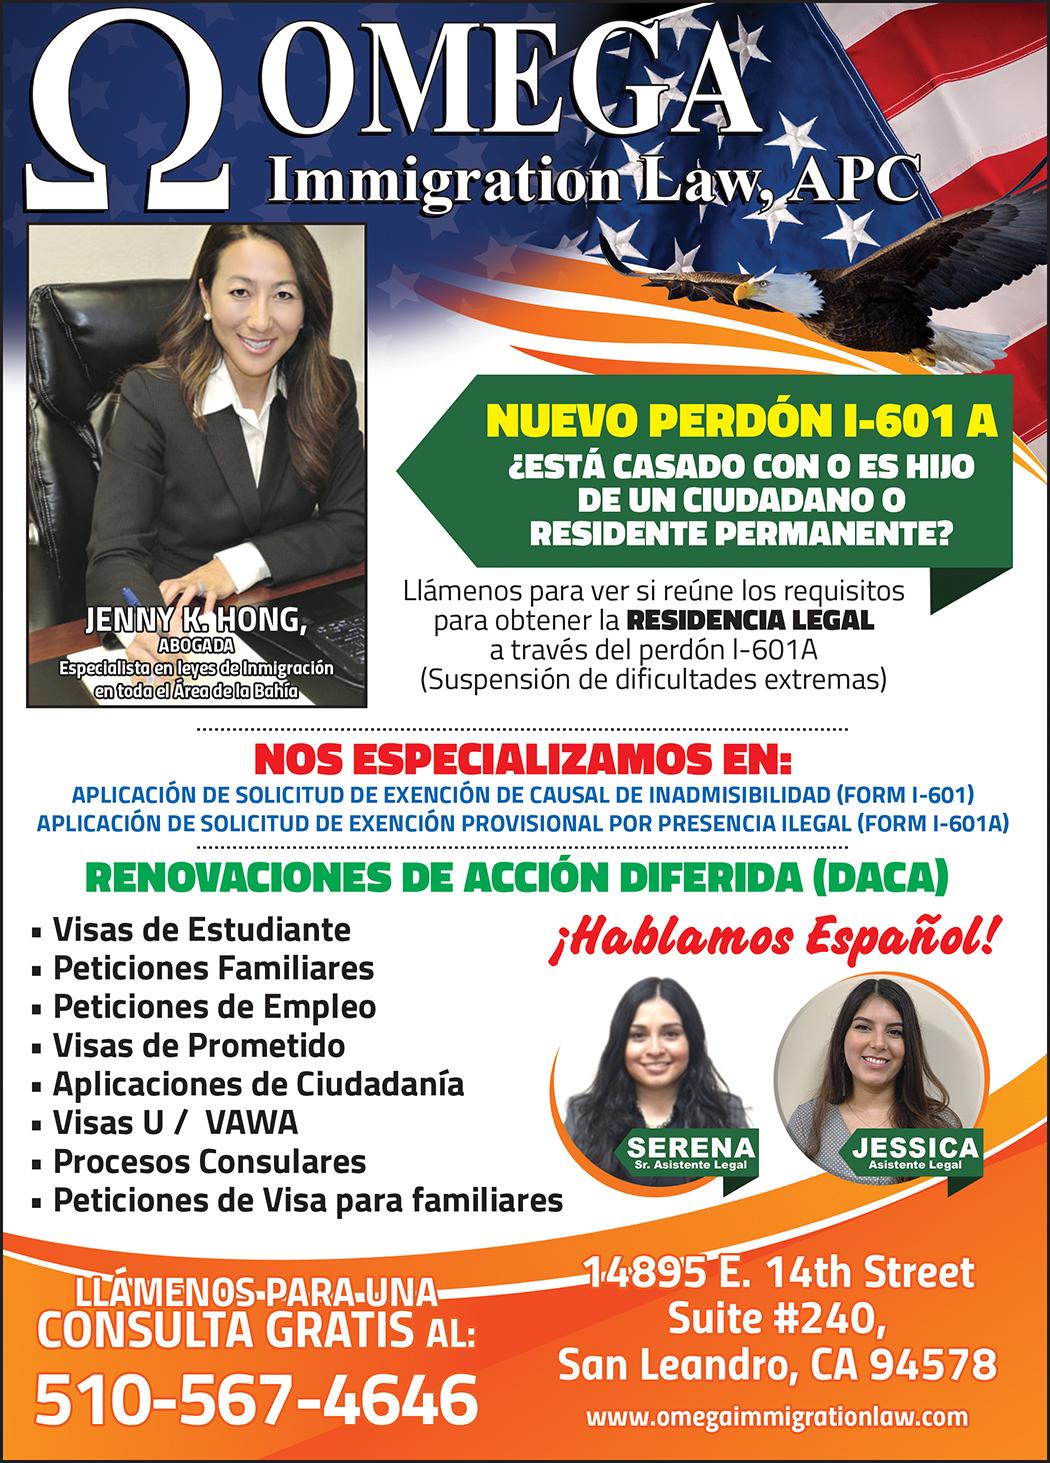 Omega Immigration Law APC 1 pag FEBRERO 2019 copy.jpg